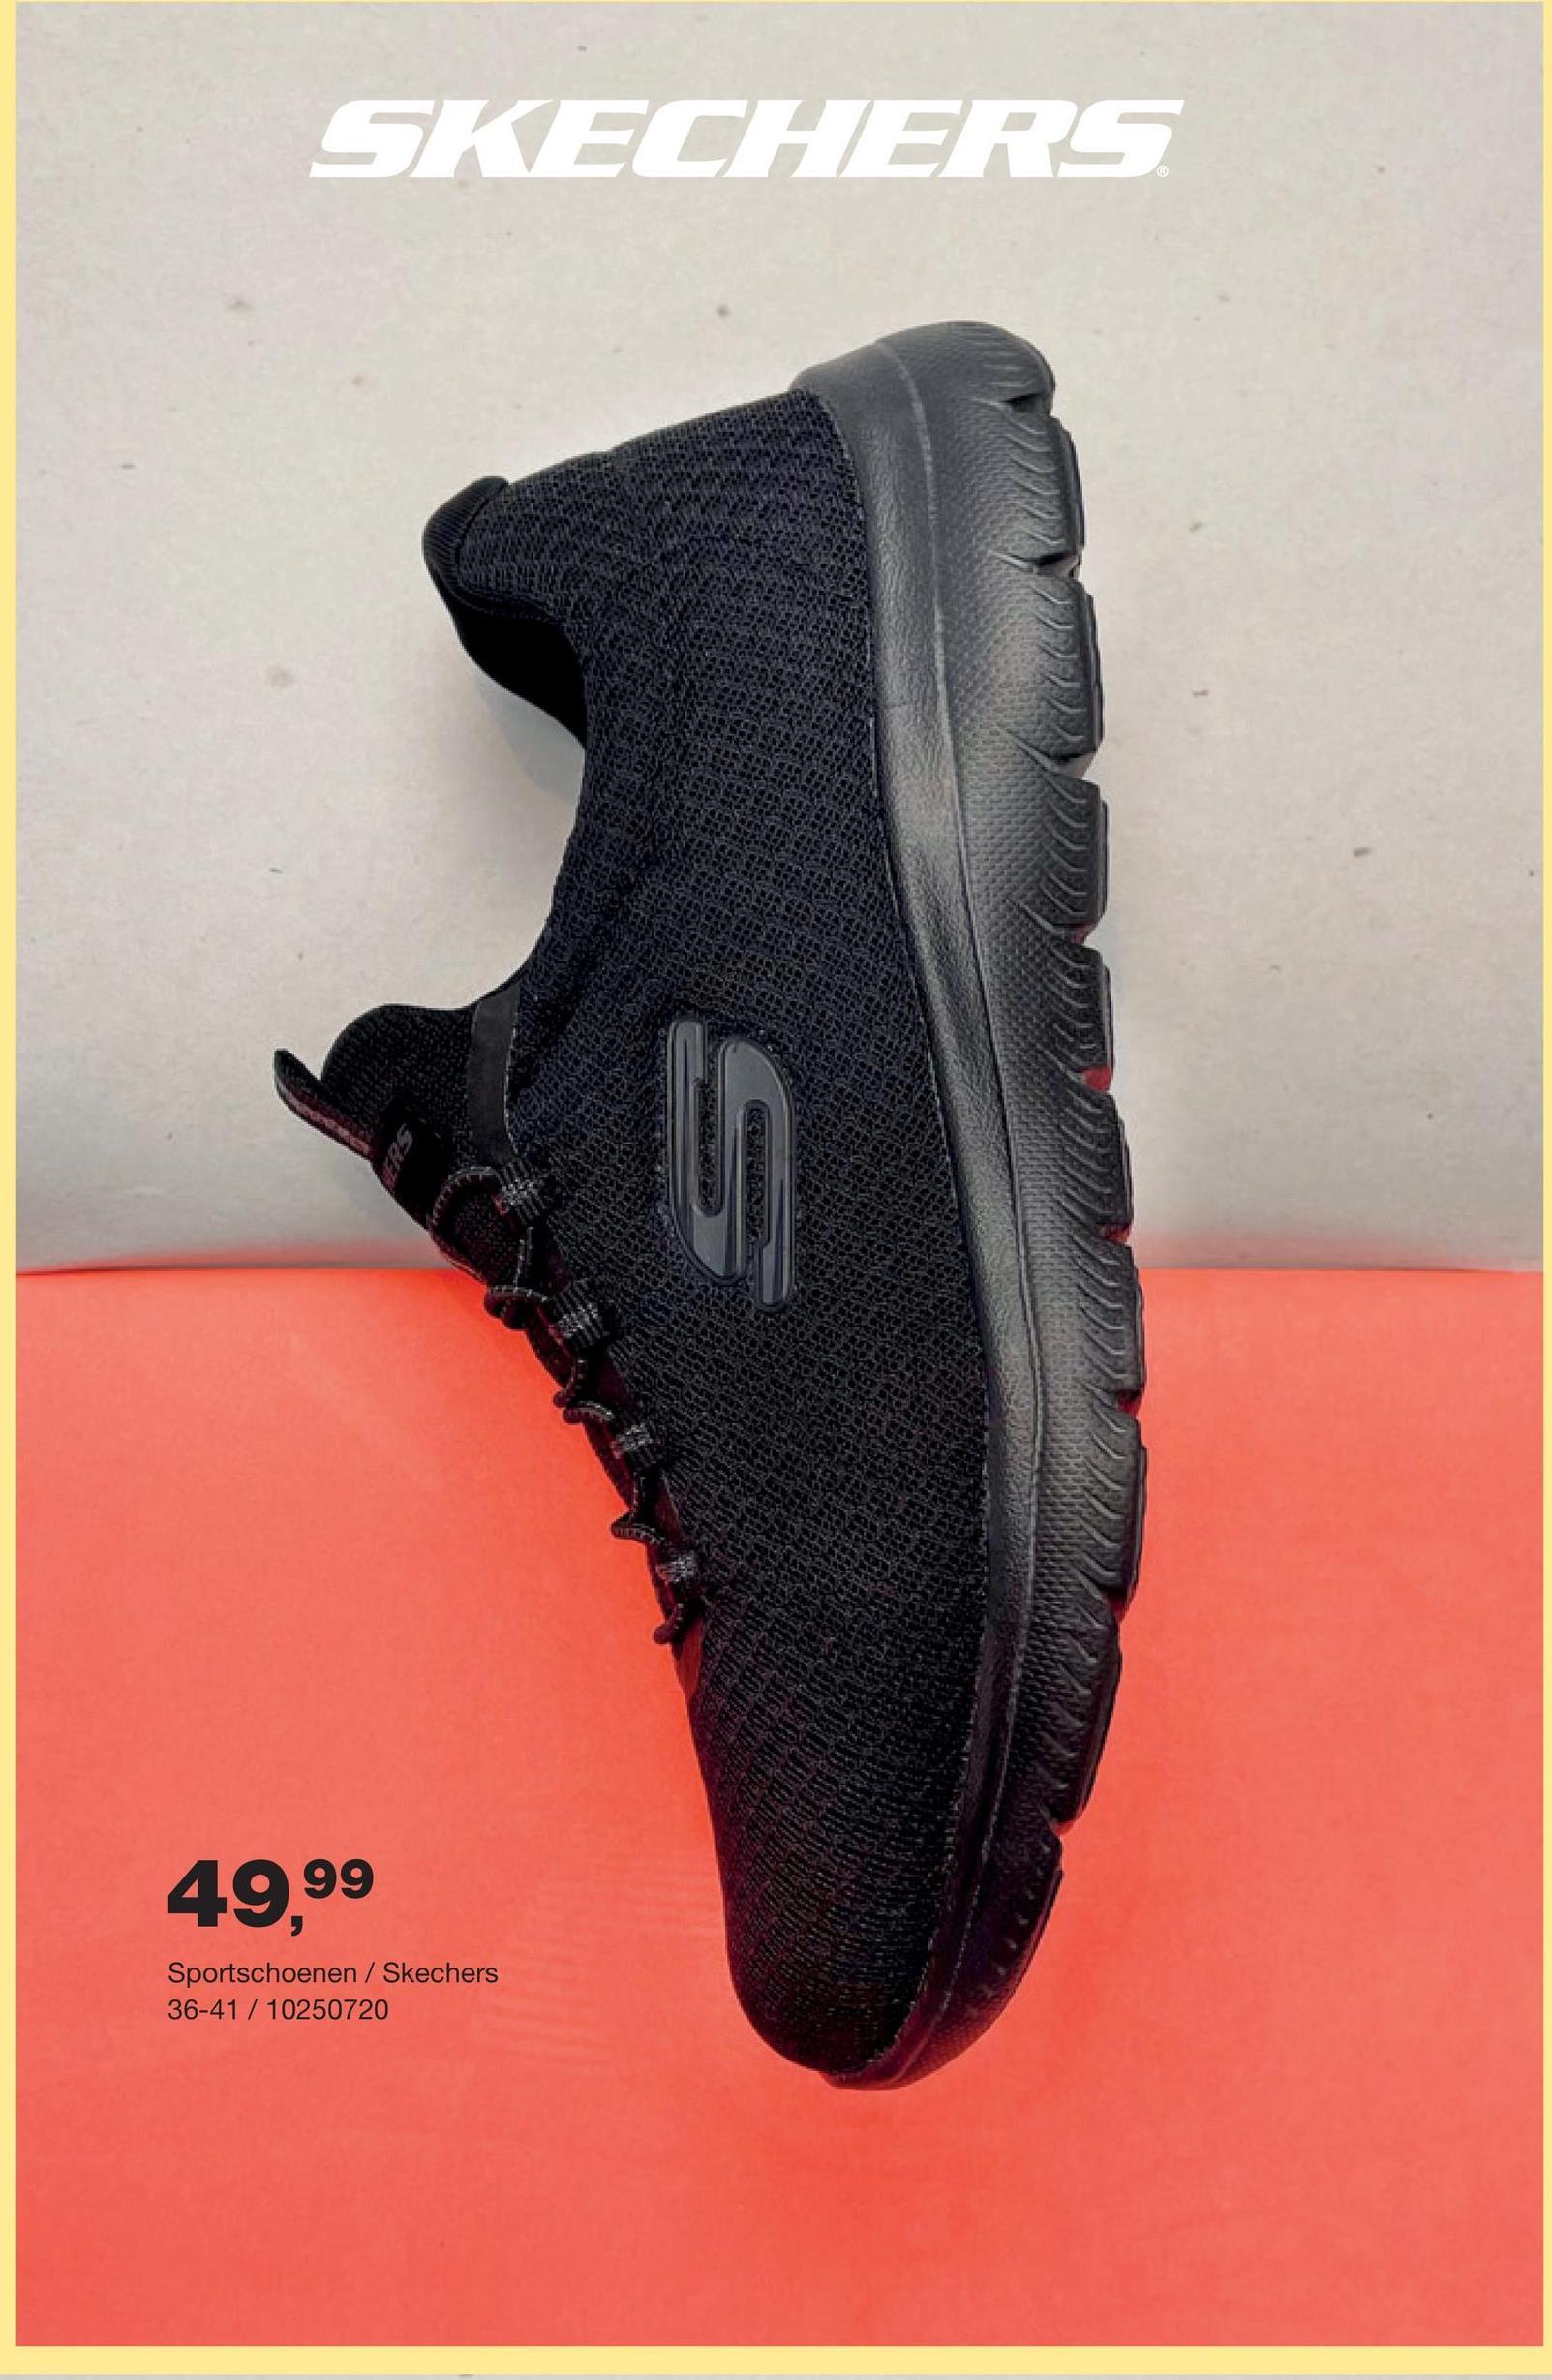 Sportschoenen Skechers - Zwart - maat 36 - Dames   - Goedkope Sportschoenen - Indoor - Textiel Sport in stijl en in alle comfort met deze sobere zwarte sportschoenen met aangename memory foam voor dames van het topmerk Asics.